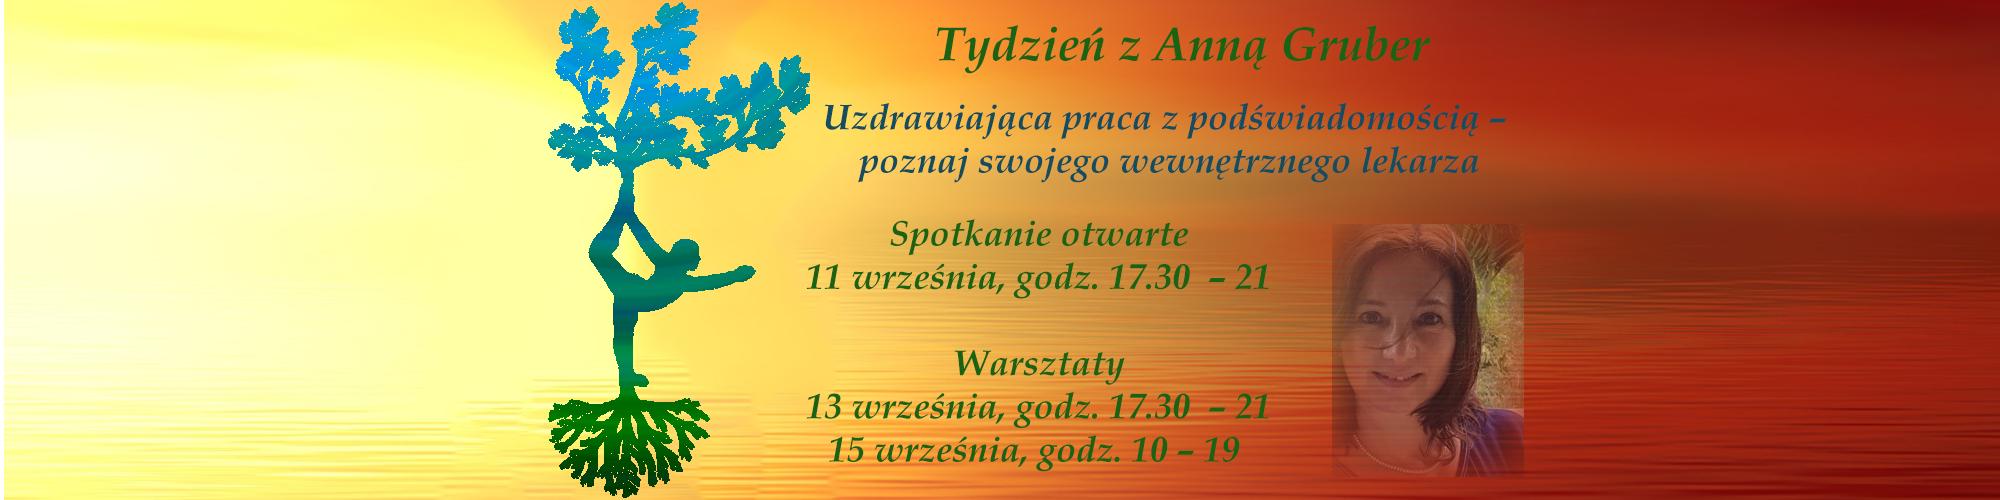 podswiadomosc3-banner